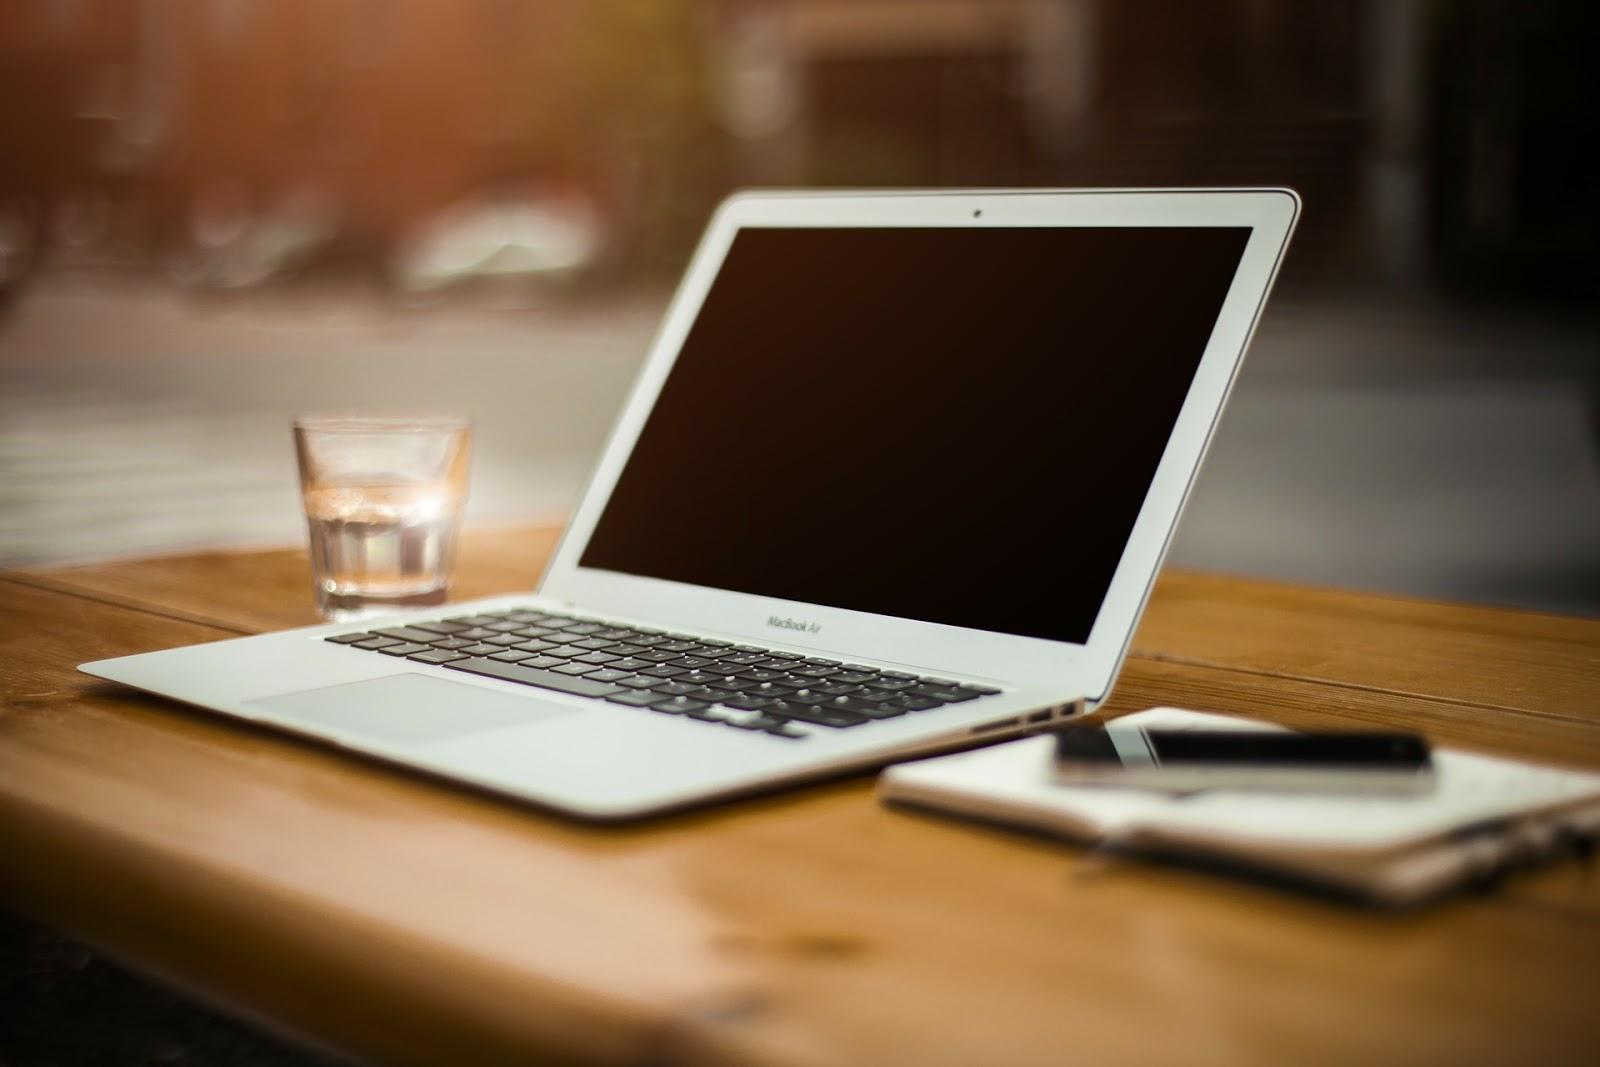 cara menjadi seorang blogger sukses, ngeblog ternyata lebih menjanjikan jika ditekuni dengan serius, tips ngeblog bagi pemula,